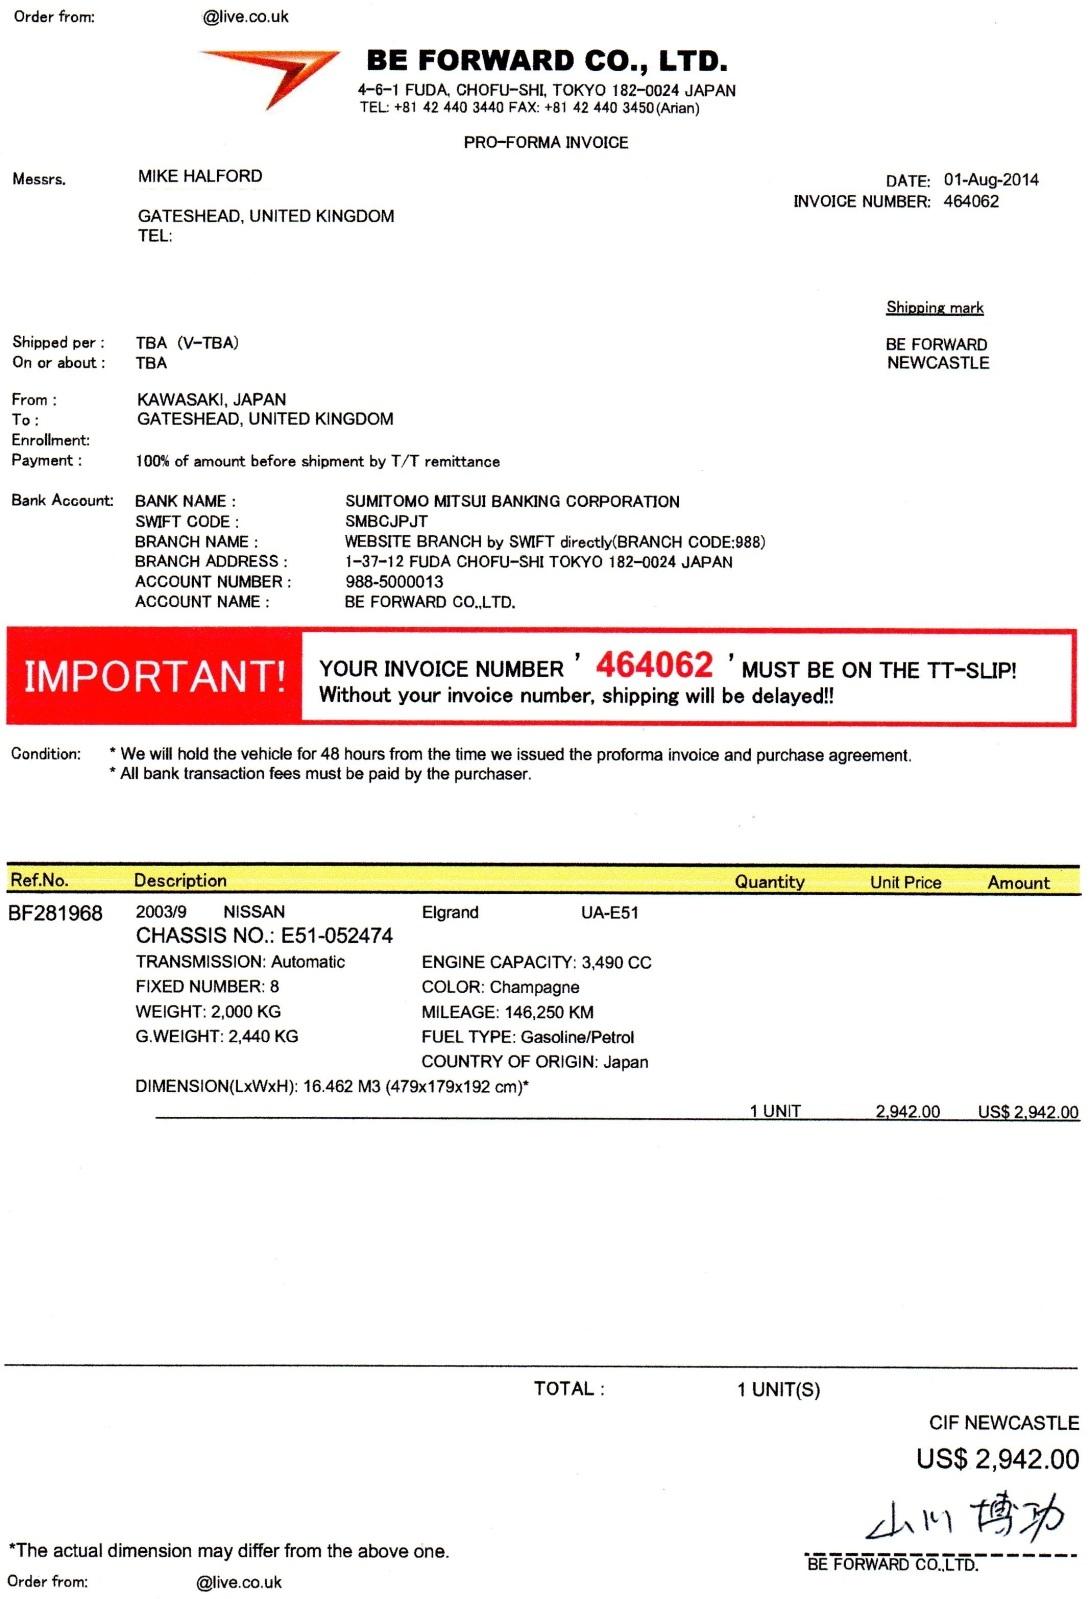 my import diary elgrandoc forum pi proforma invoice